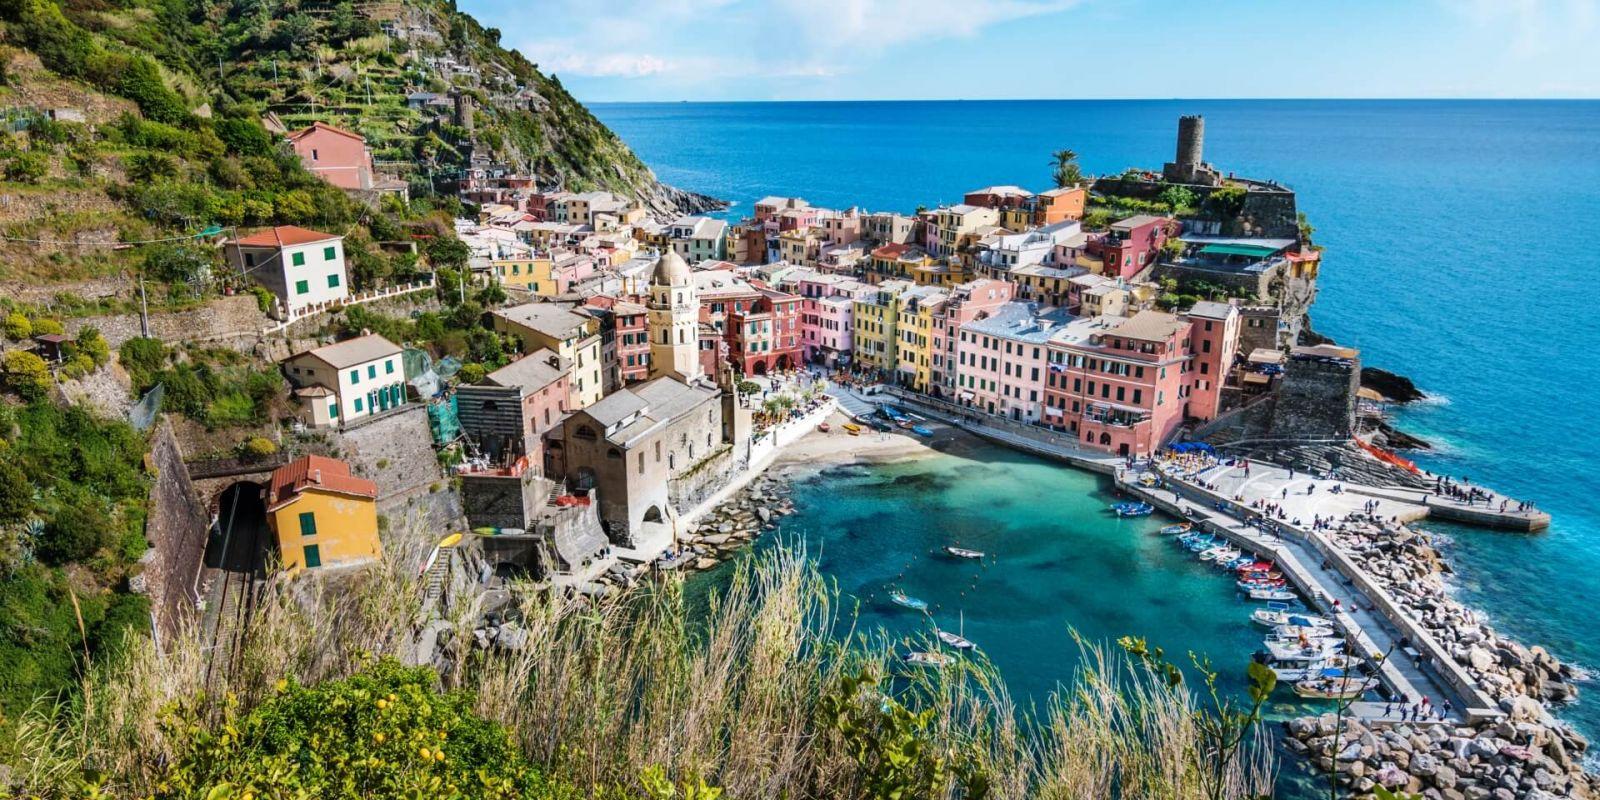 Location yacht Riviera italienne Portofino et Cinque Terre, louer un yacht sur la Riviera italienne